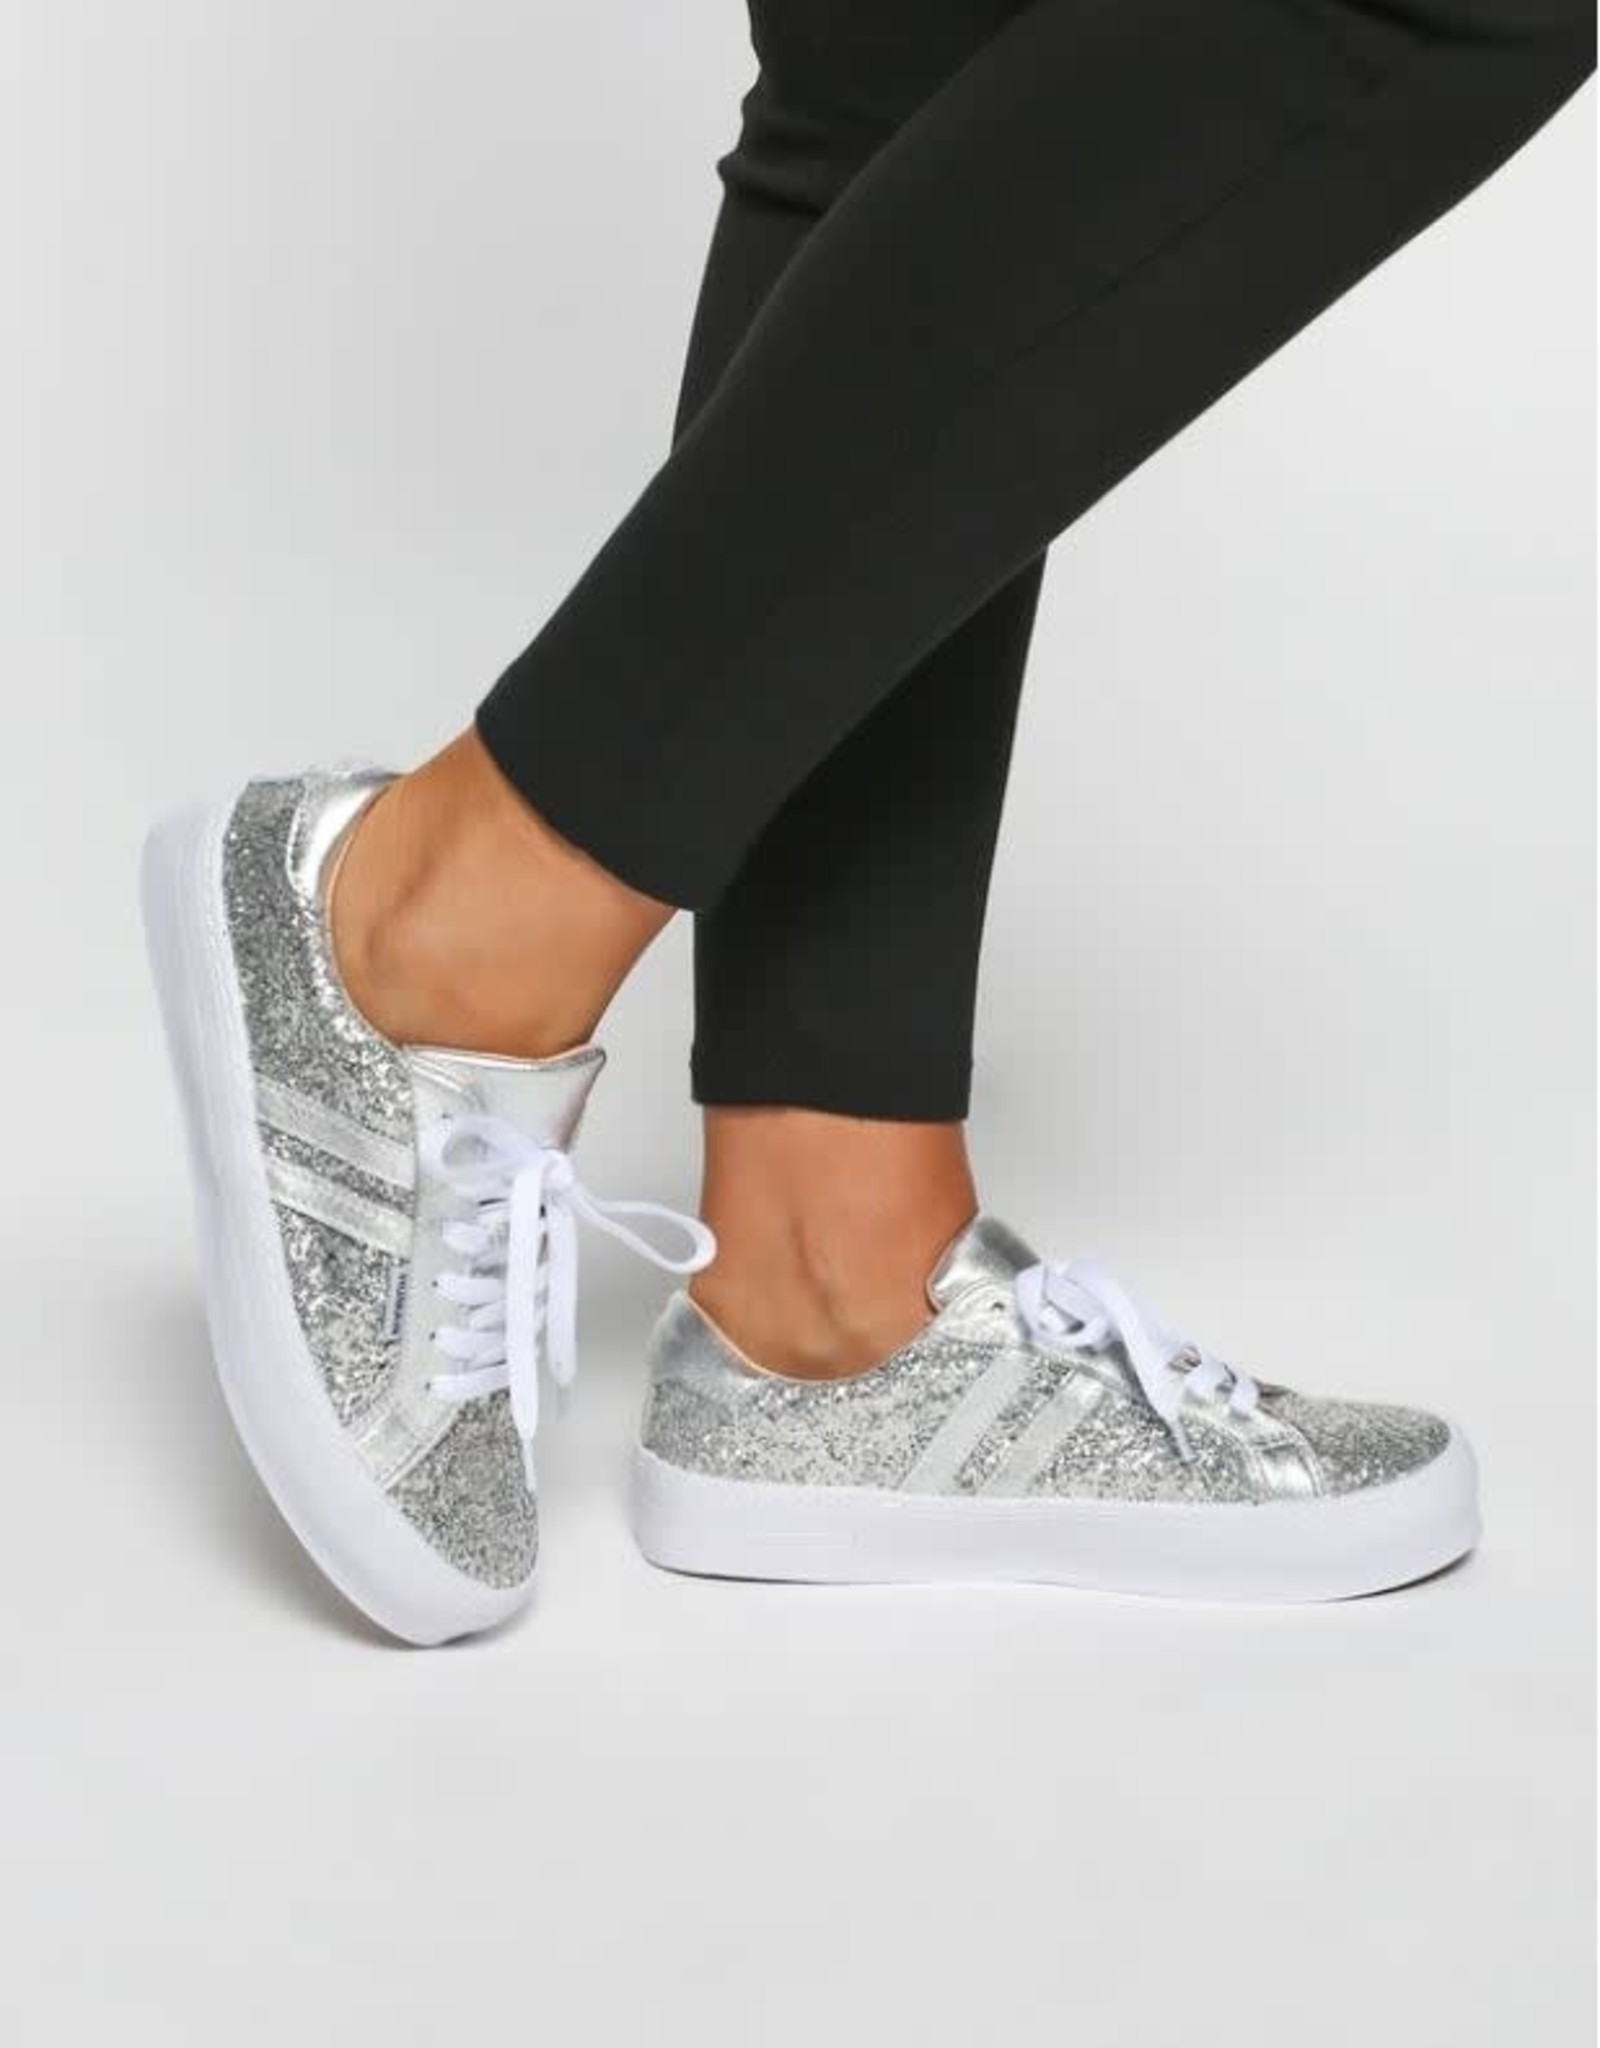 HUMAN Human - Pratt Shoe (Silver Glitter)